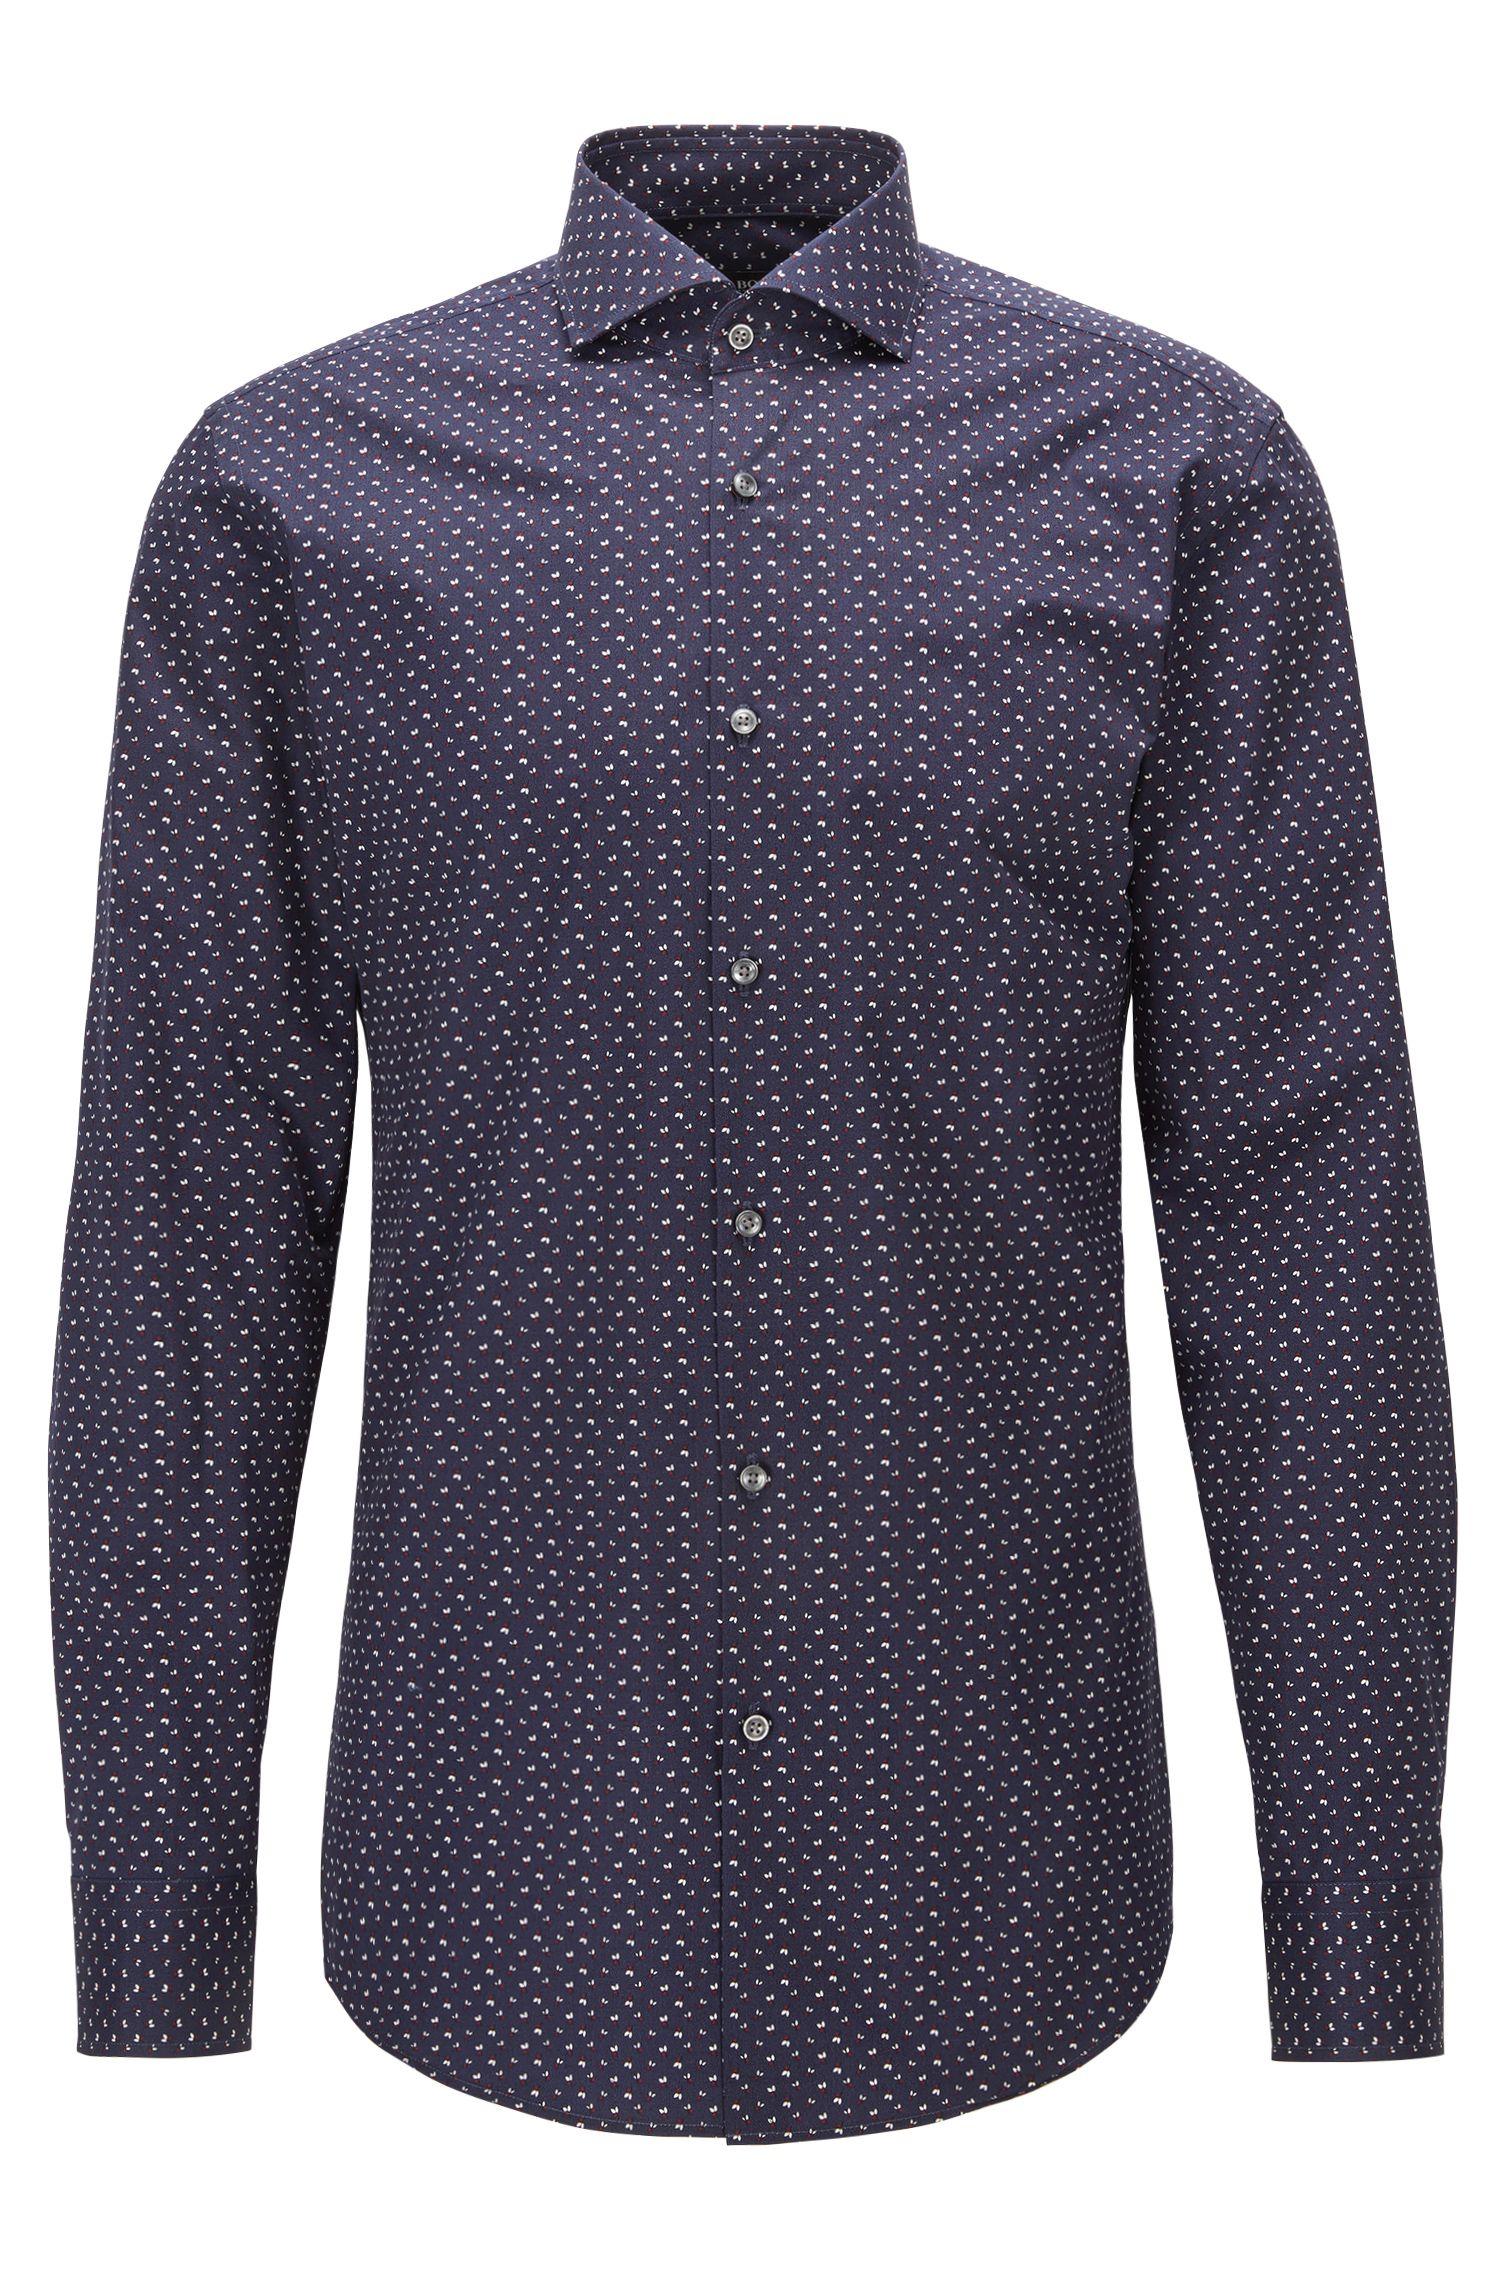 Camisa slim fit en popelín de algodón estampado